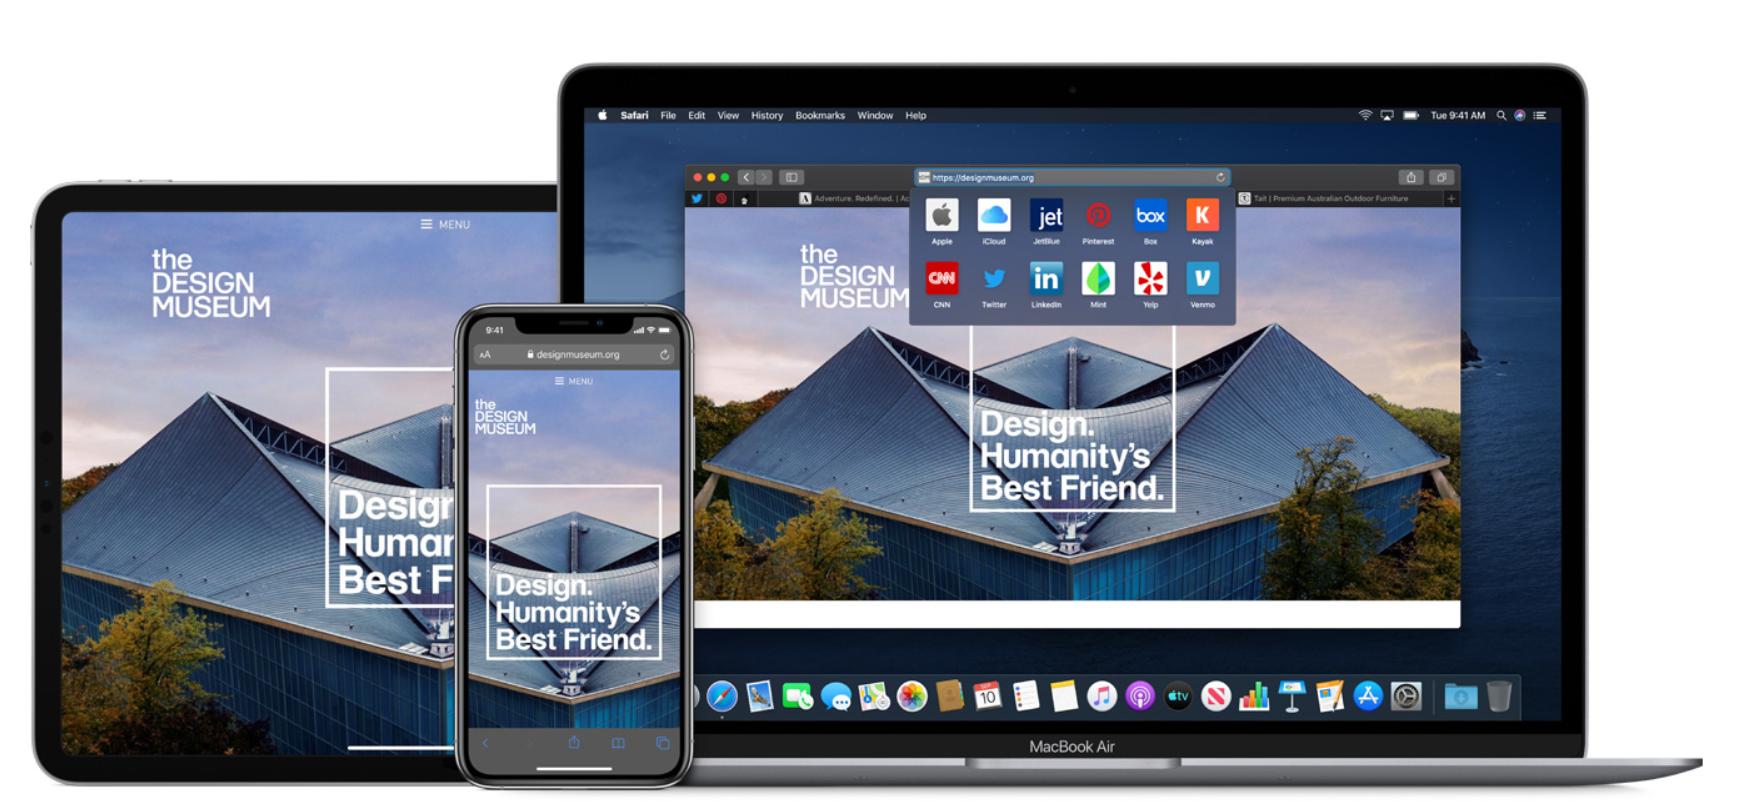 Safari Mac Browser